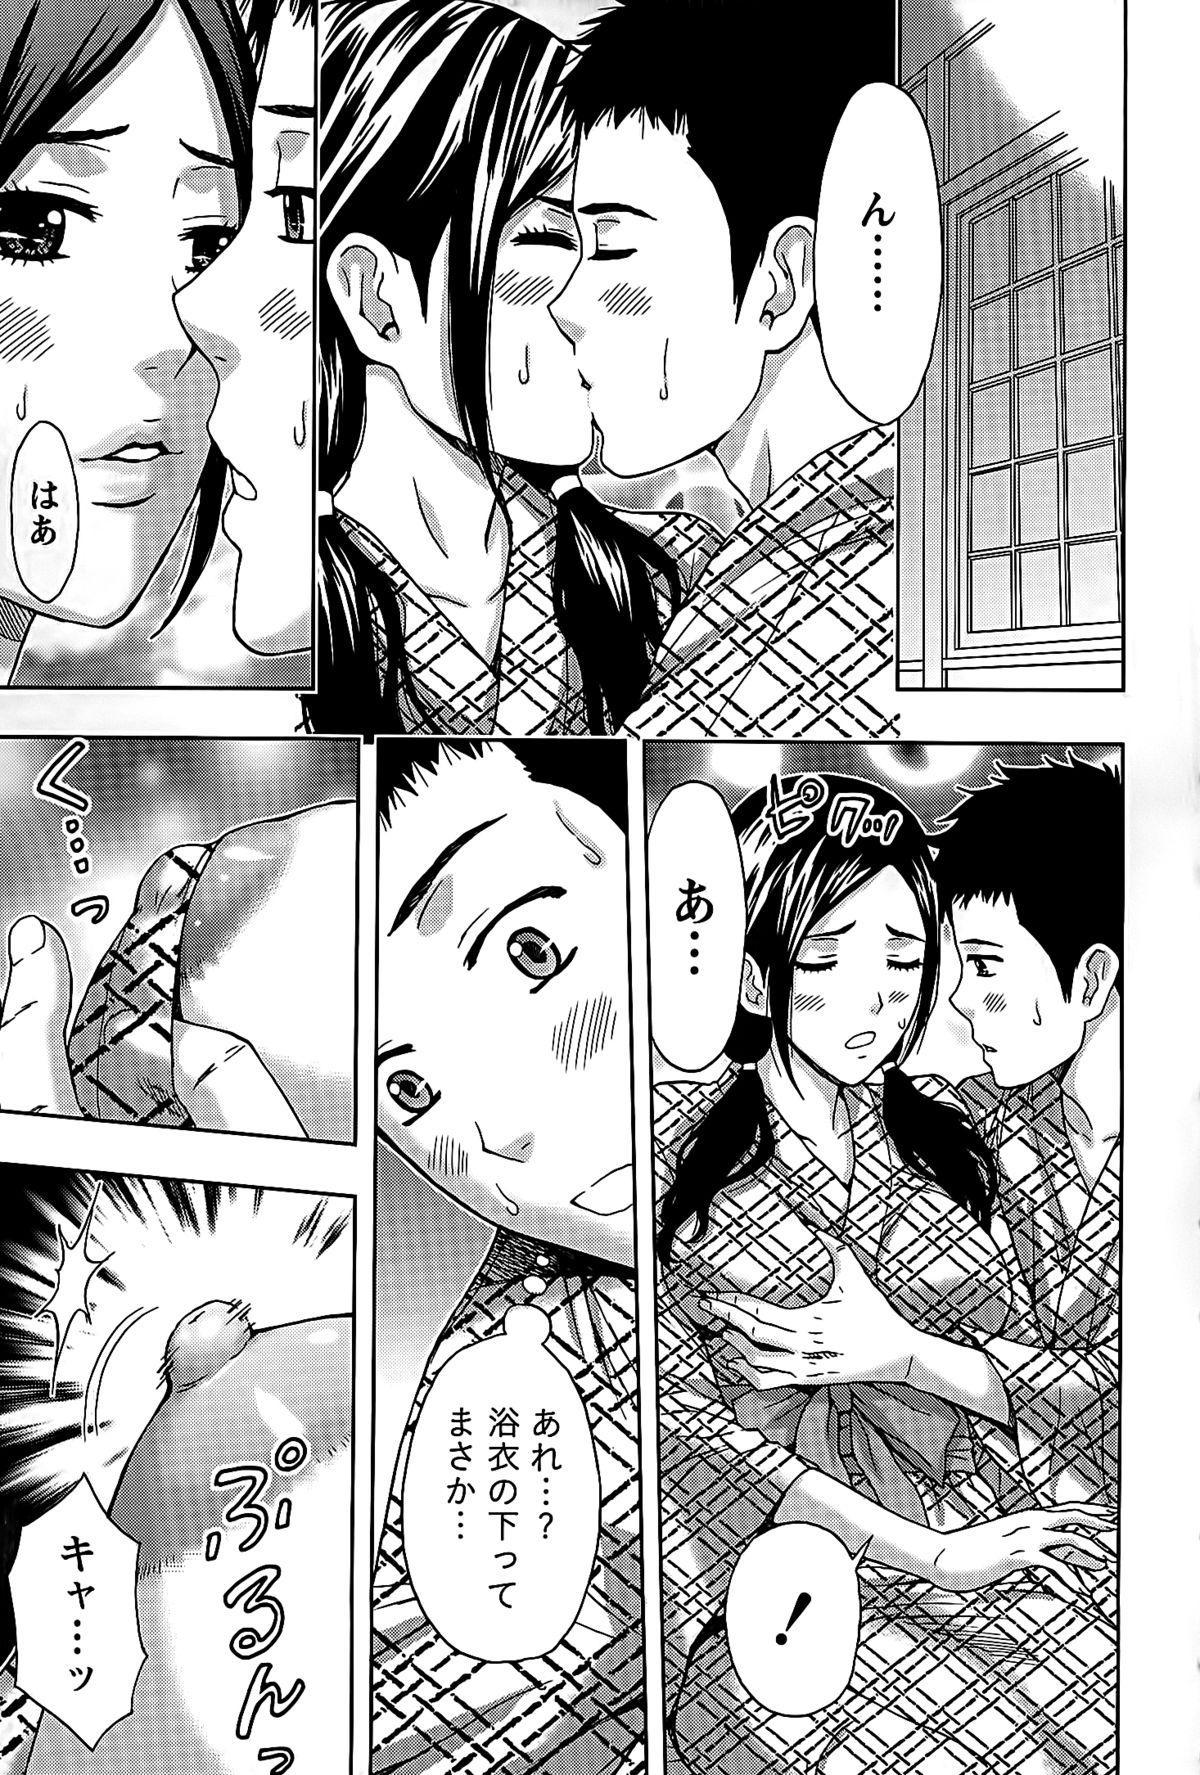 Shittori Lady to Amai Mitsu 161